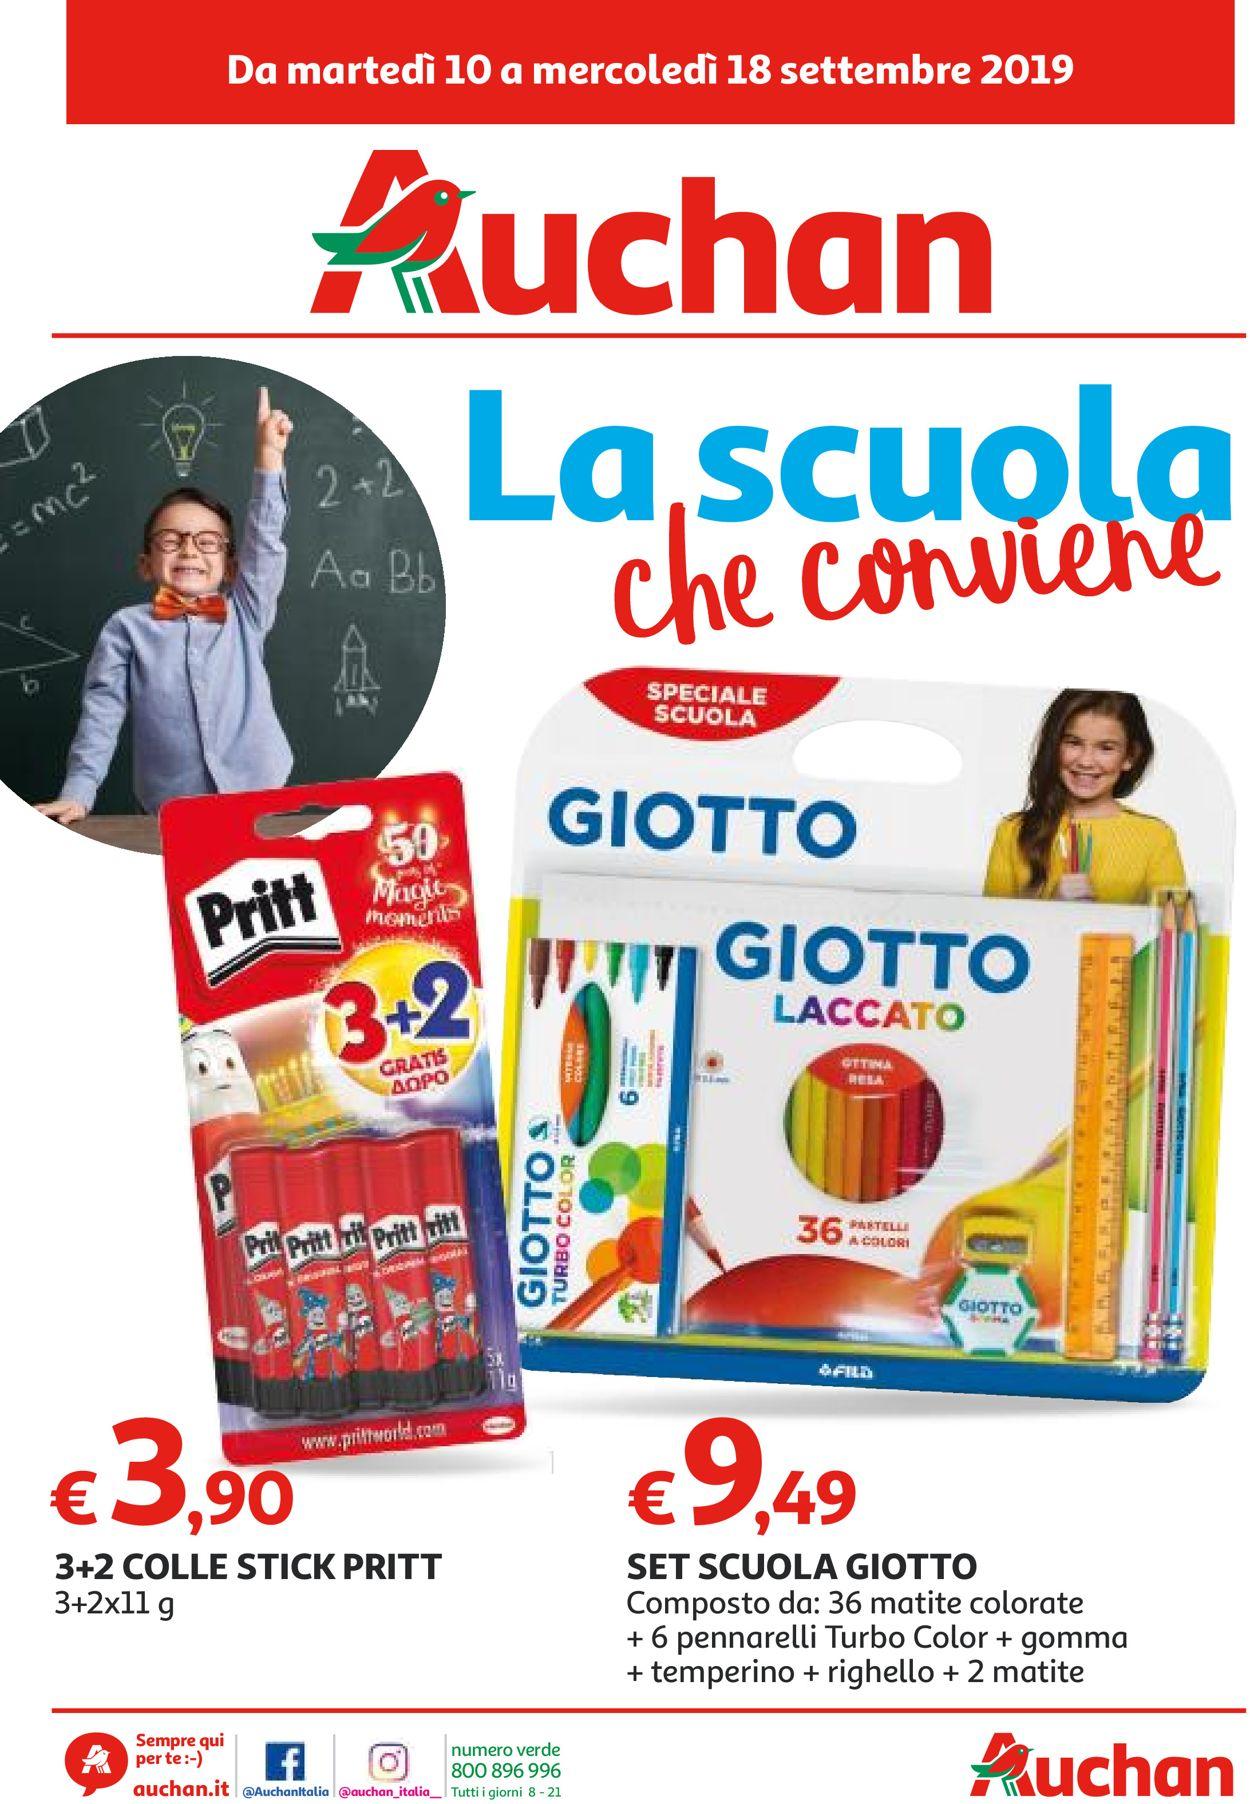 Volantino Auchan - Offerte 10/09-18/09/2019